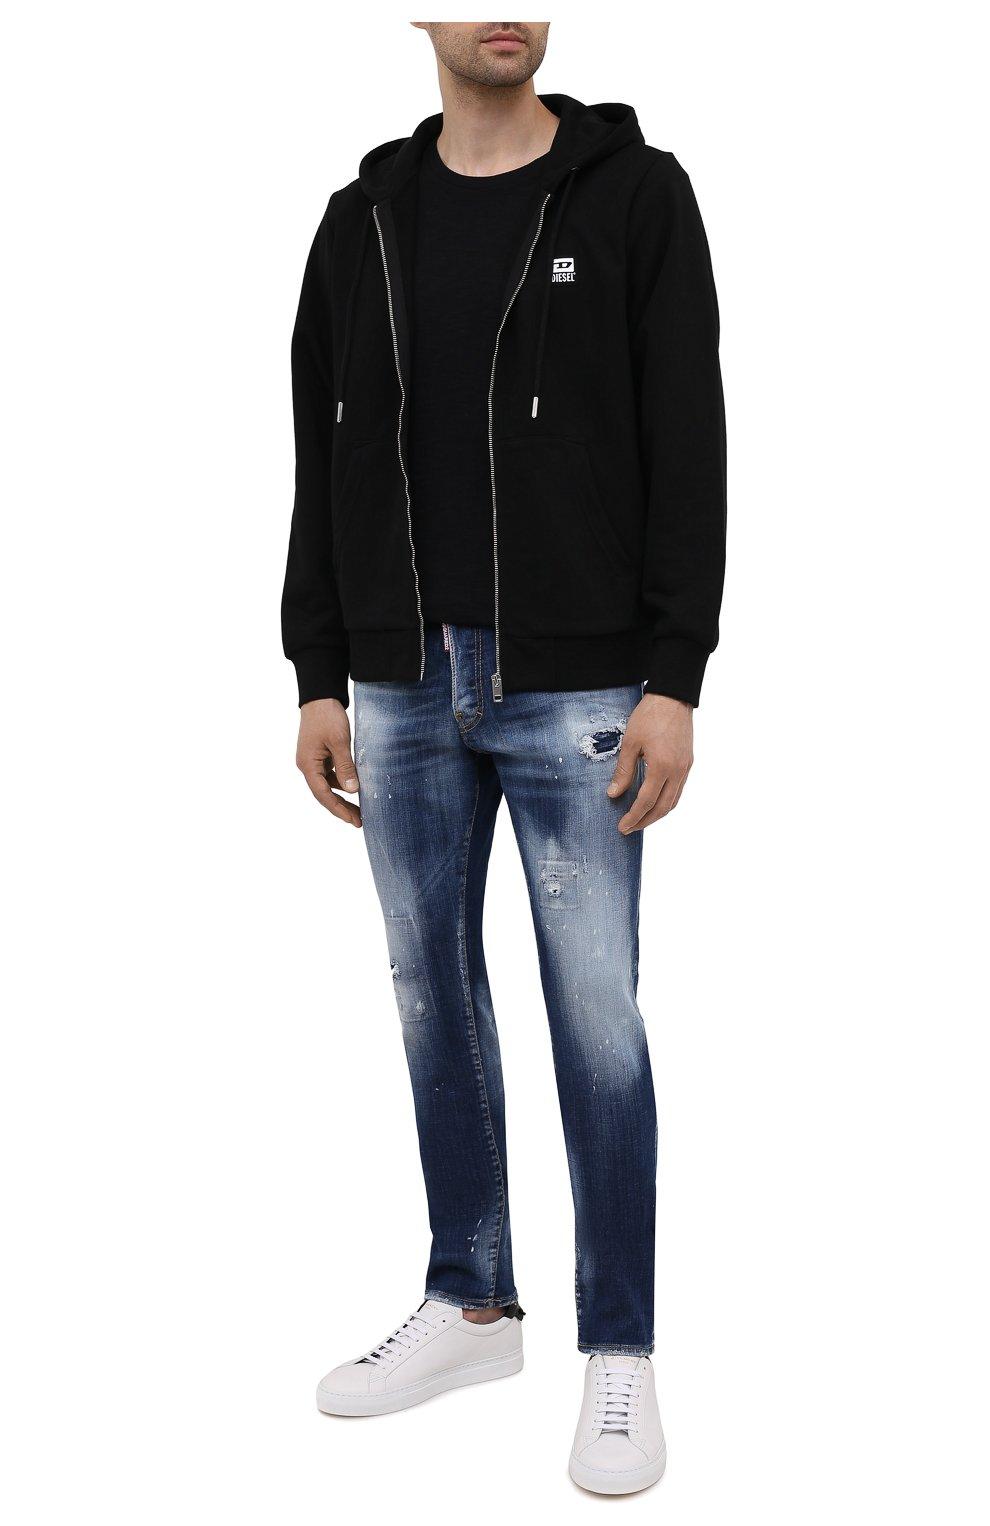 Мужские джинсы DSQUARED2 синего цвета, арт. S74LB0954/S30342 | Фото 2 (Силуэт М (брюки): Узкие; Кросс-КТ: Деним; Длина (брюки, джинсы): Стандартные; Стили: Гранж; Материал внешний: Хлопок; Детали: Потертости)